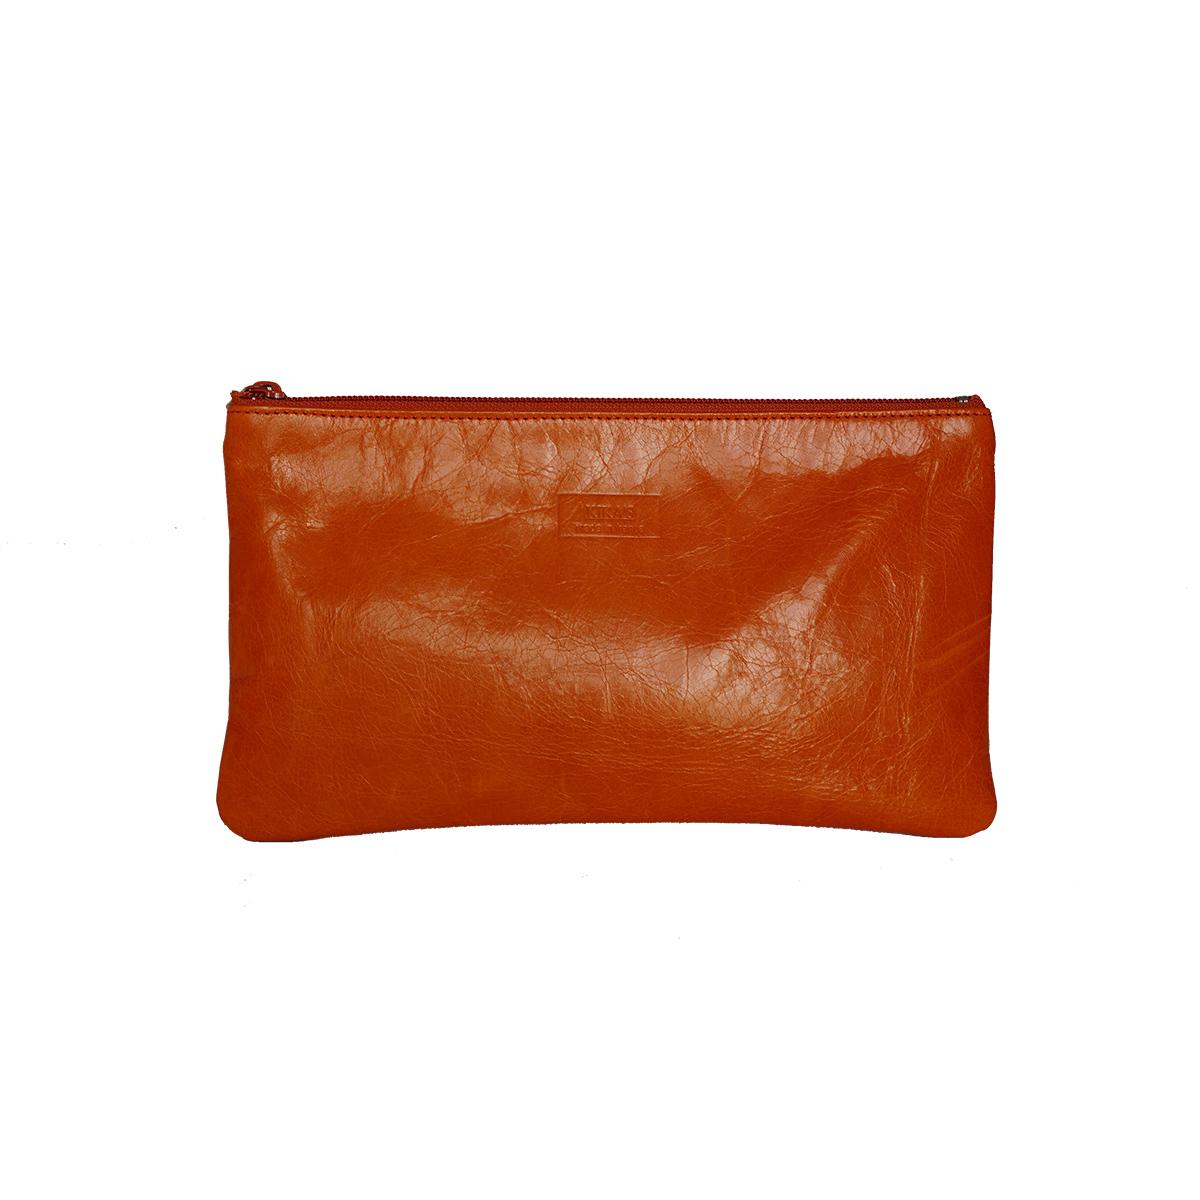 Petite pochette zippée orange en cuir